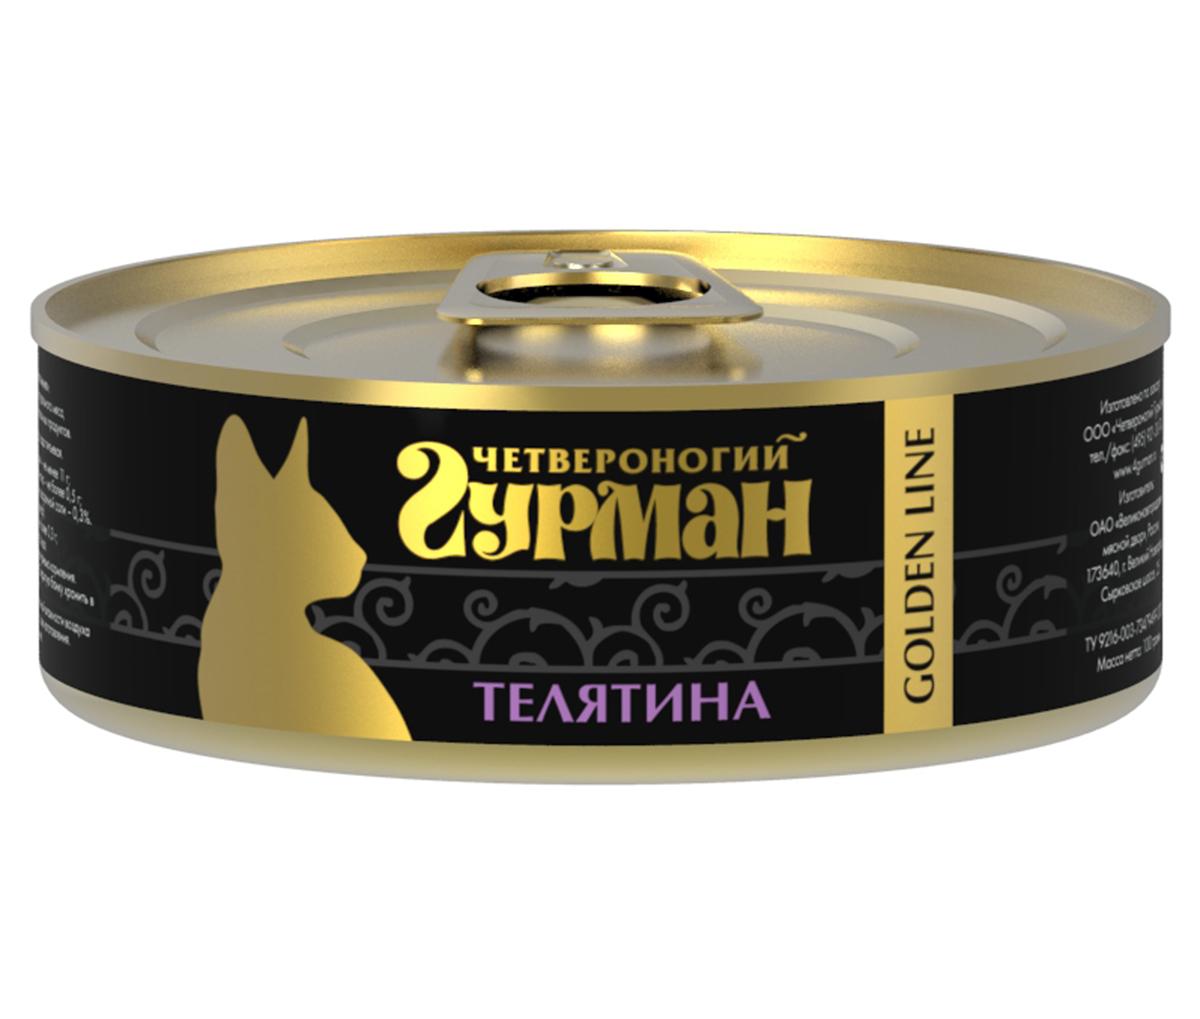 Консервы для кошек Четвероногий Гурман, с телятиной, 100 г купить болгарские консервы в москве